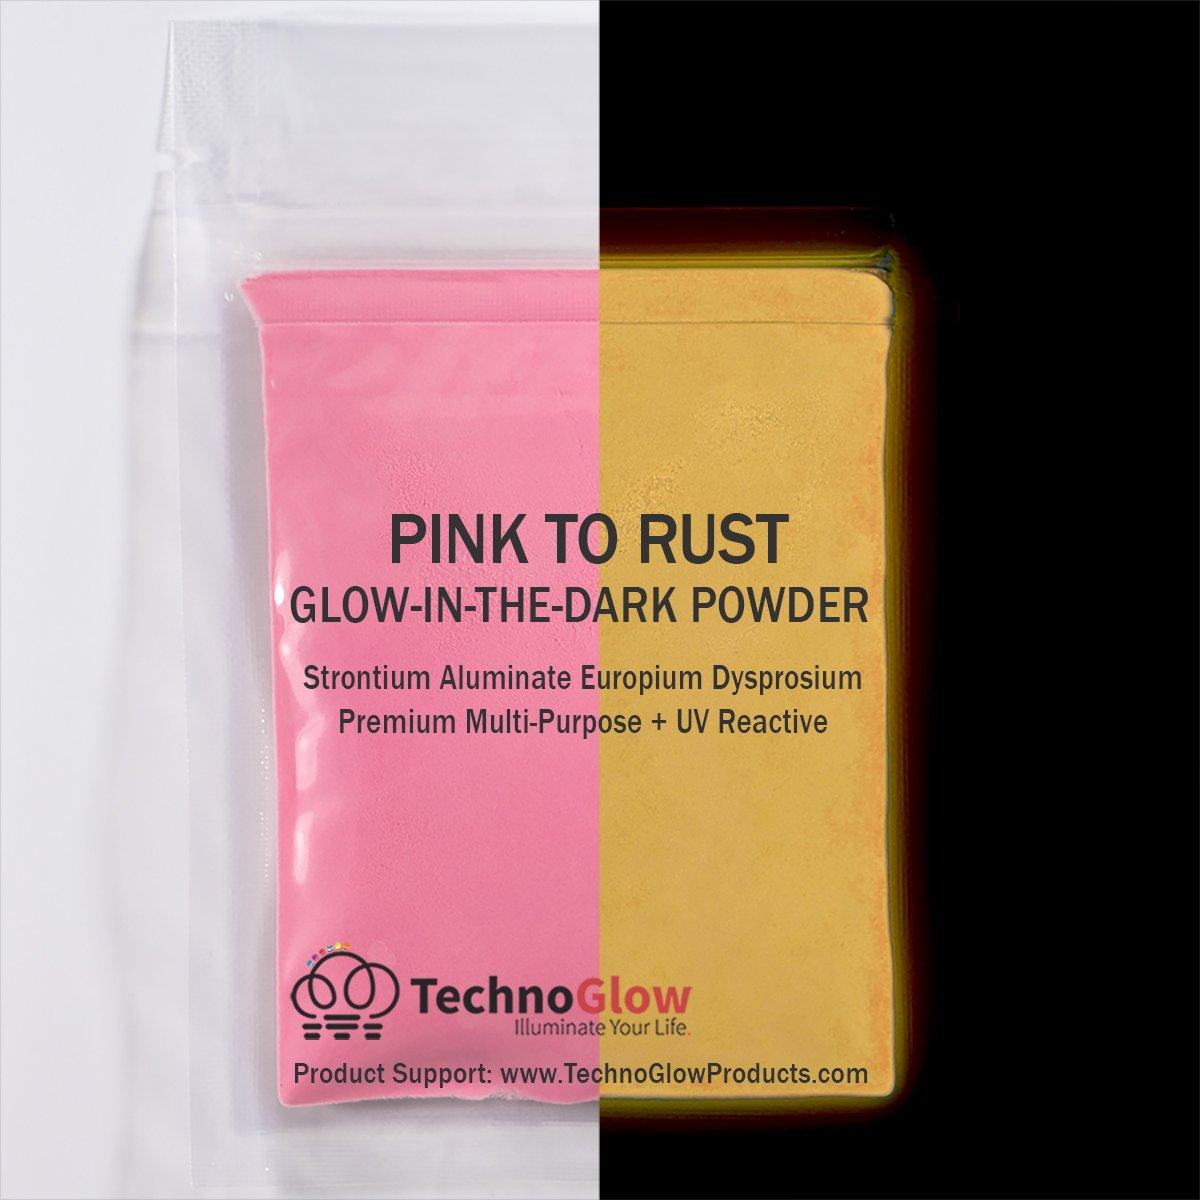 Pink Glow in the Dark & UV Powder (8 OZ) by Techno Glow Inc